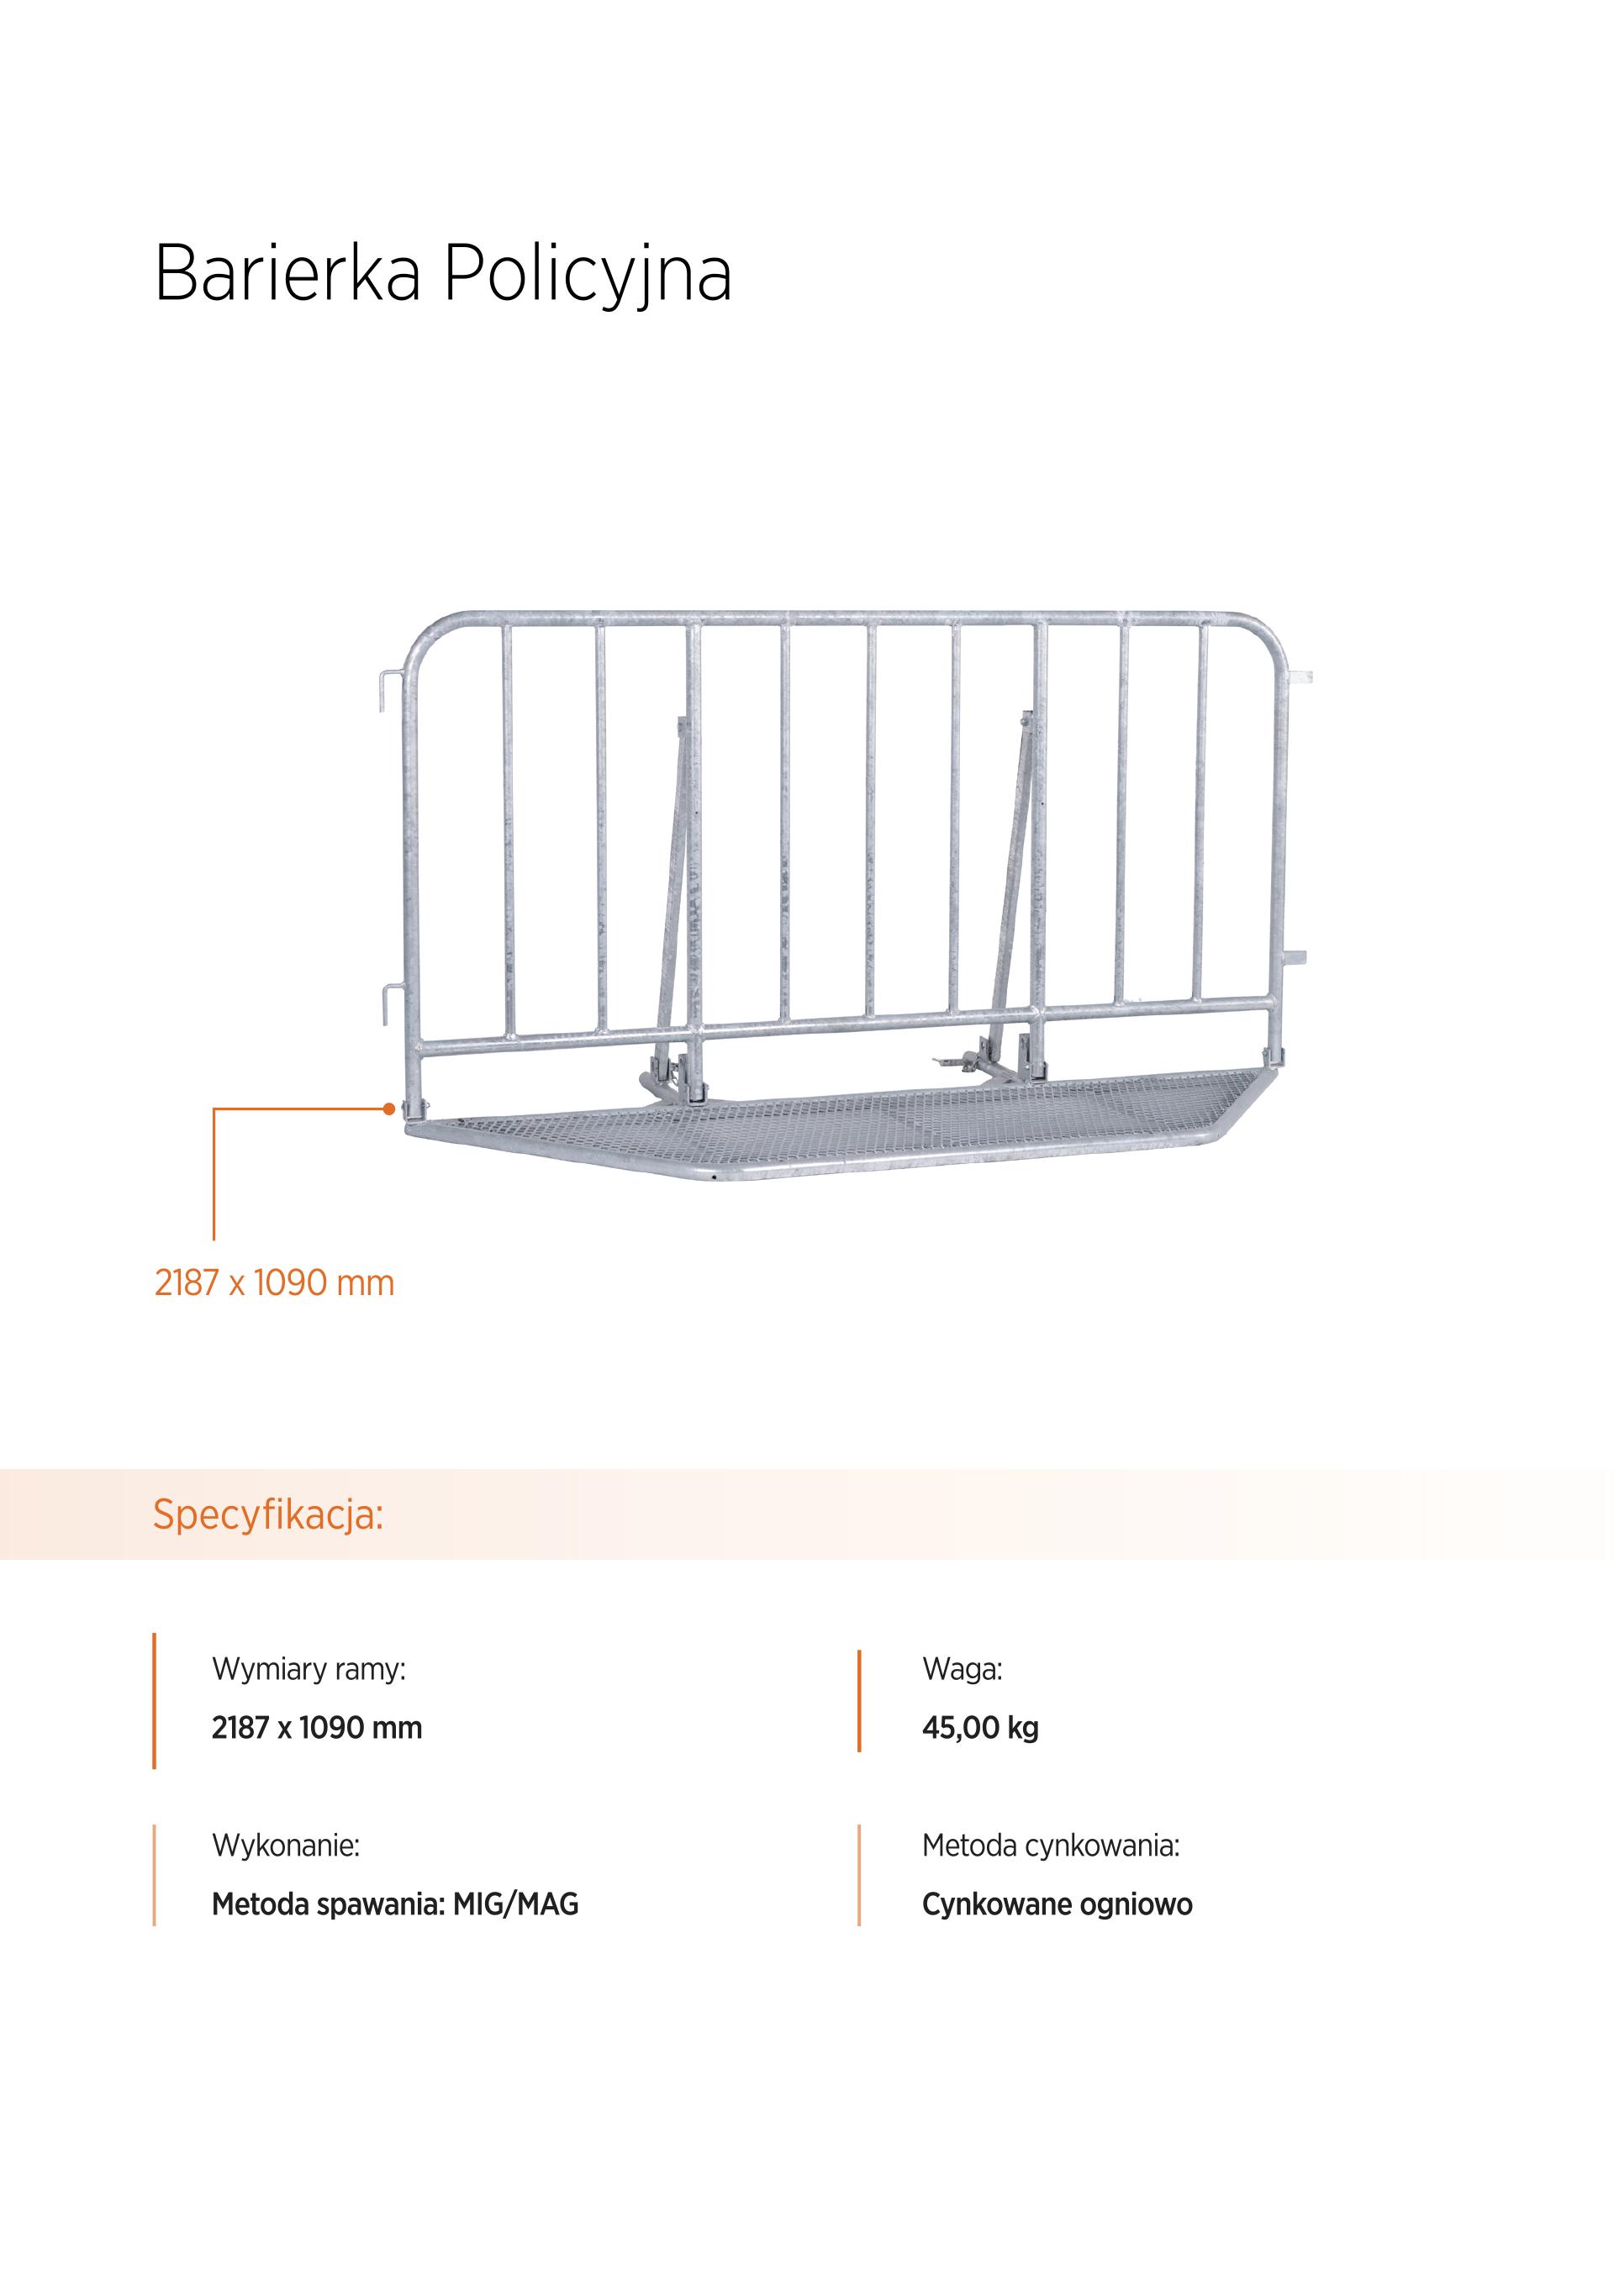 barierka policyjna - Wynajem ogrodzeń tymczasowych